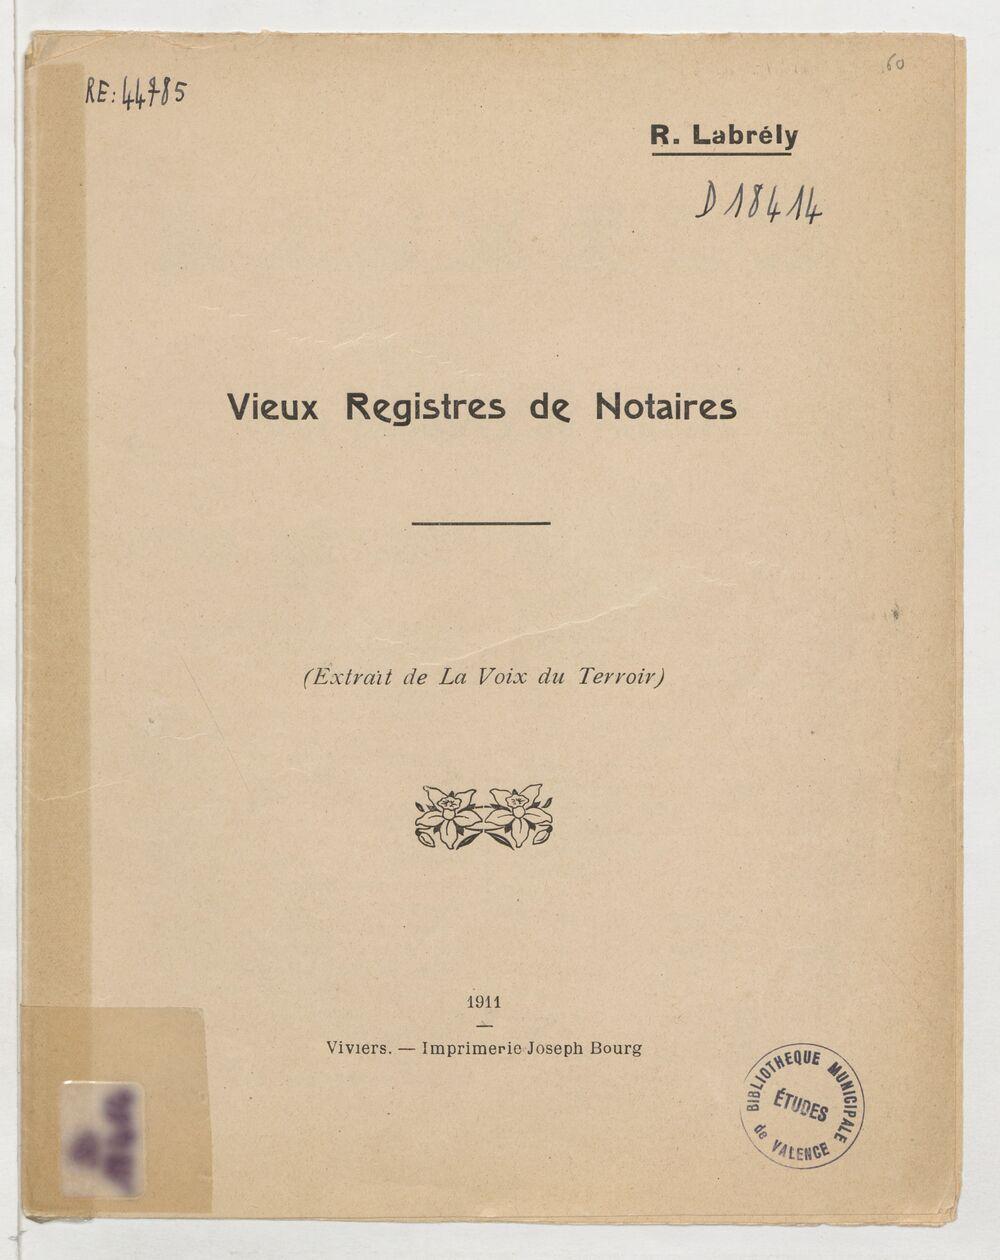 Vieux registres de notaires / [par] R. Labrély